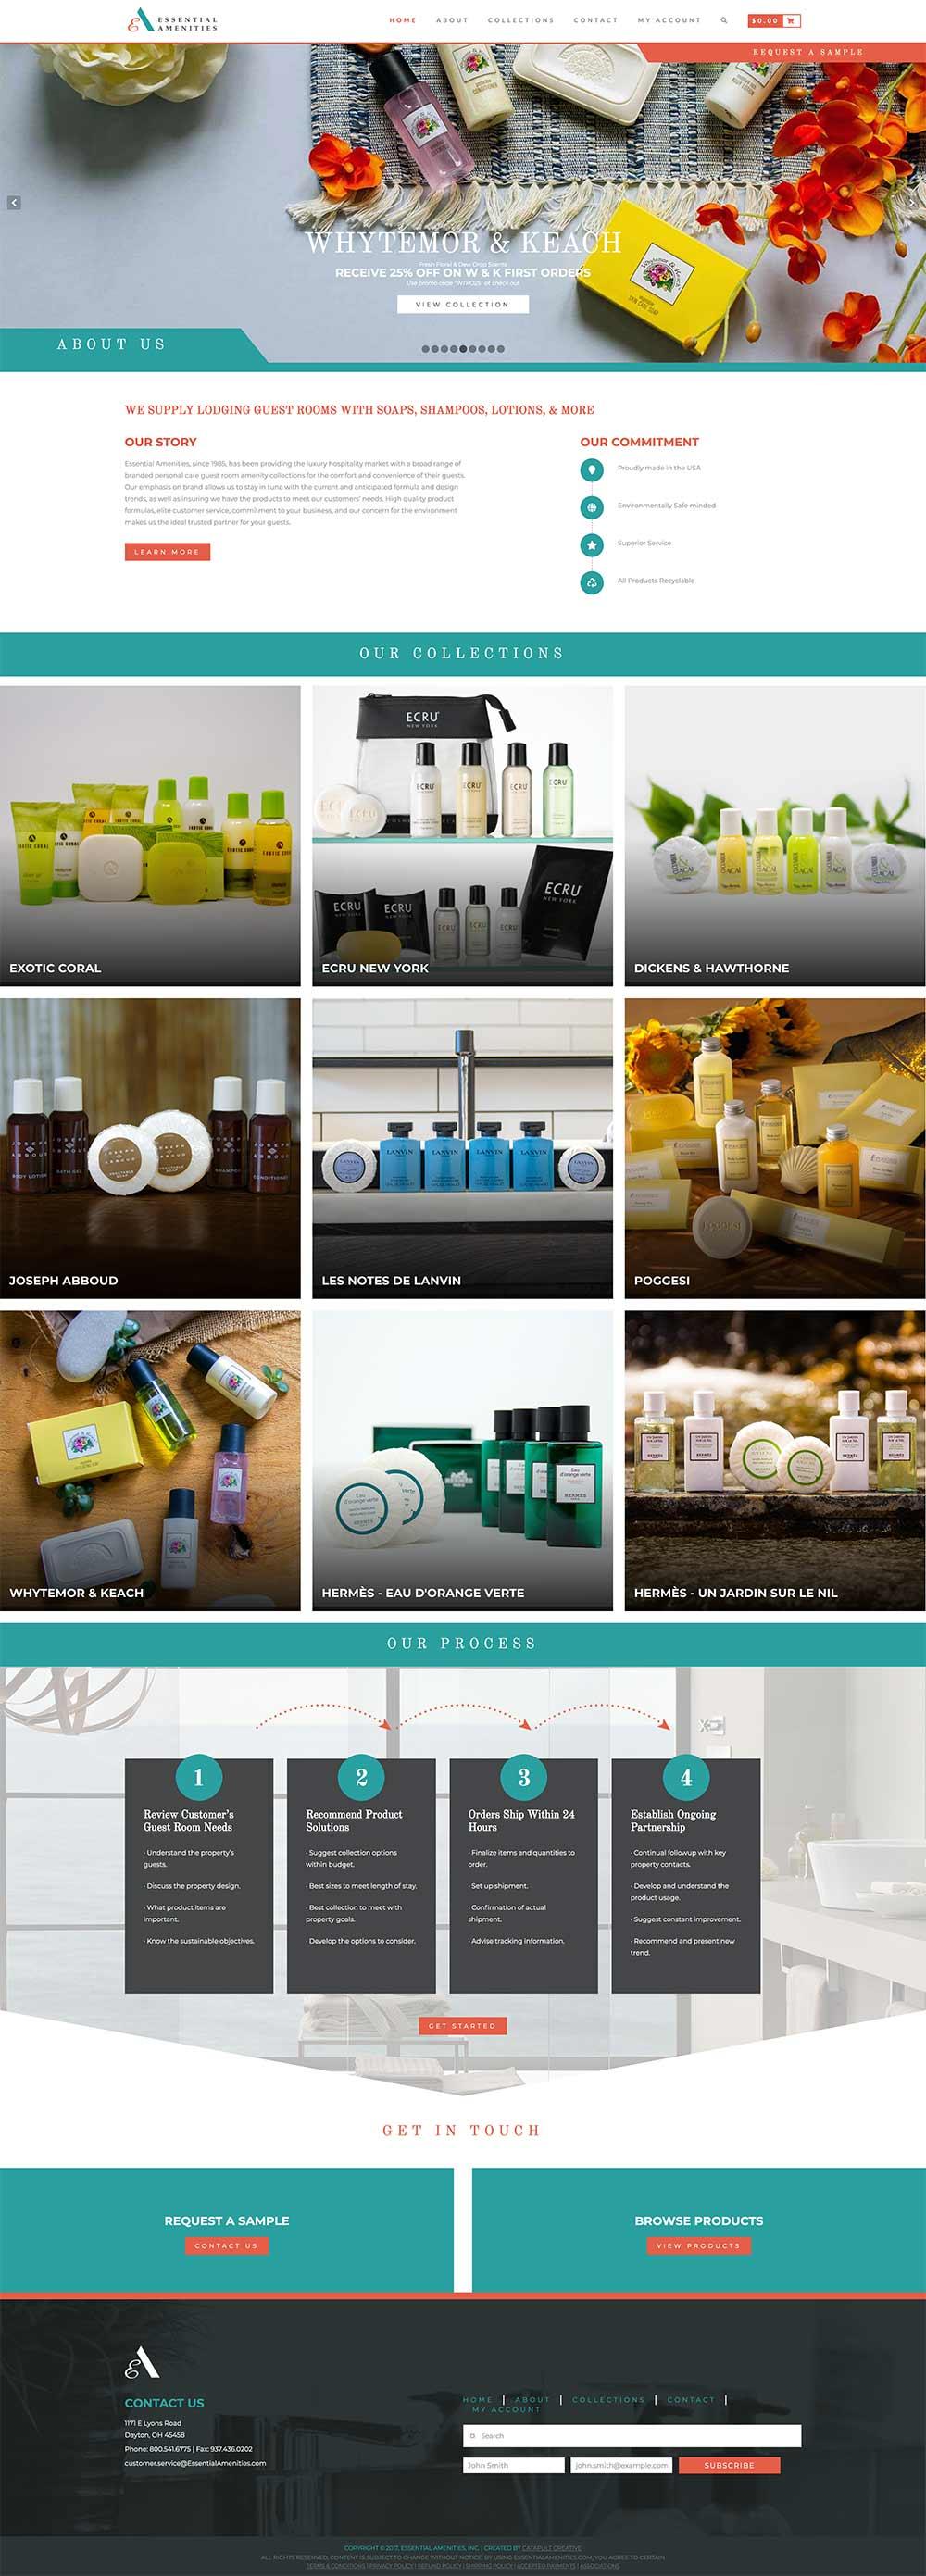 essential amenities website